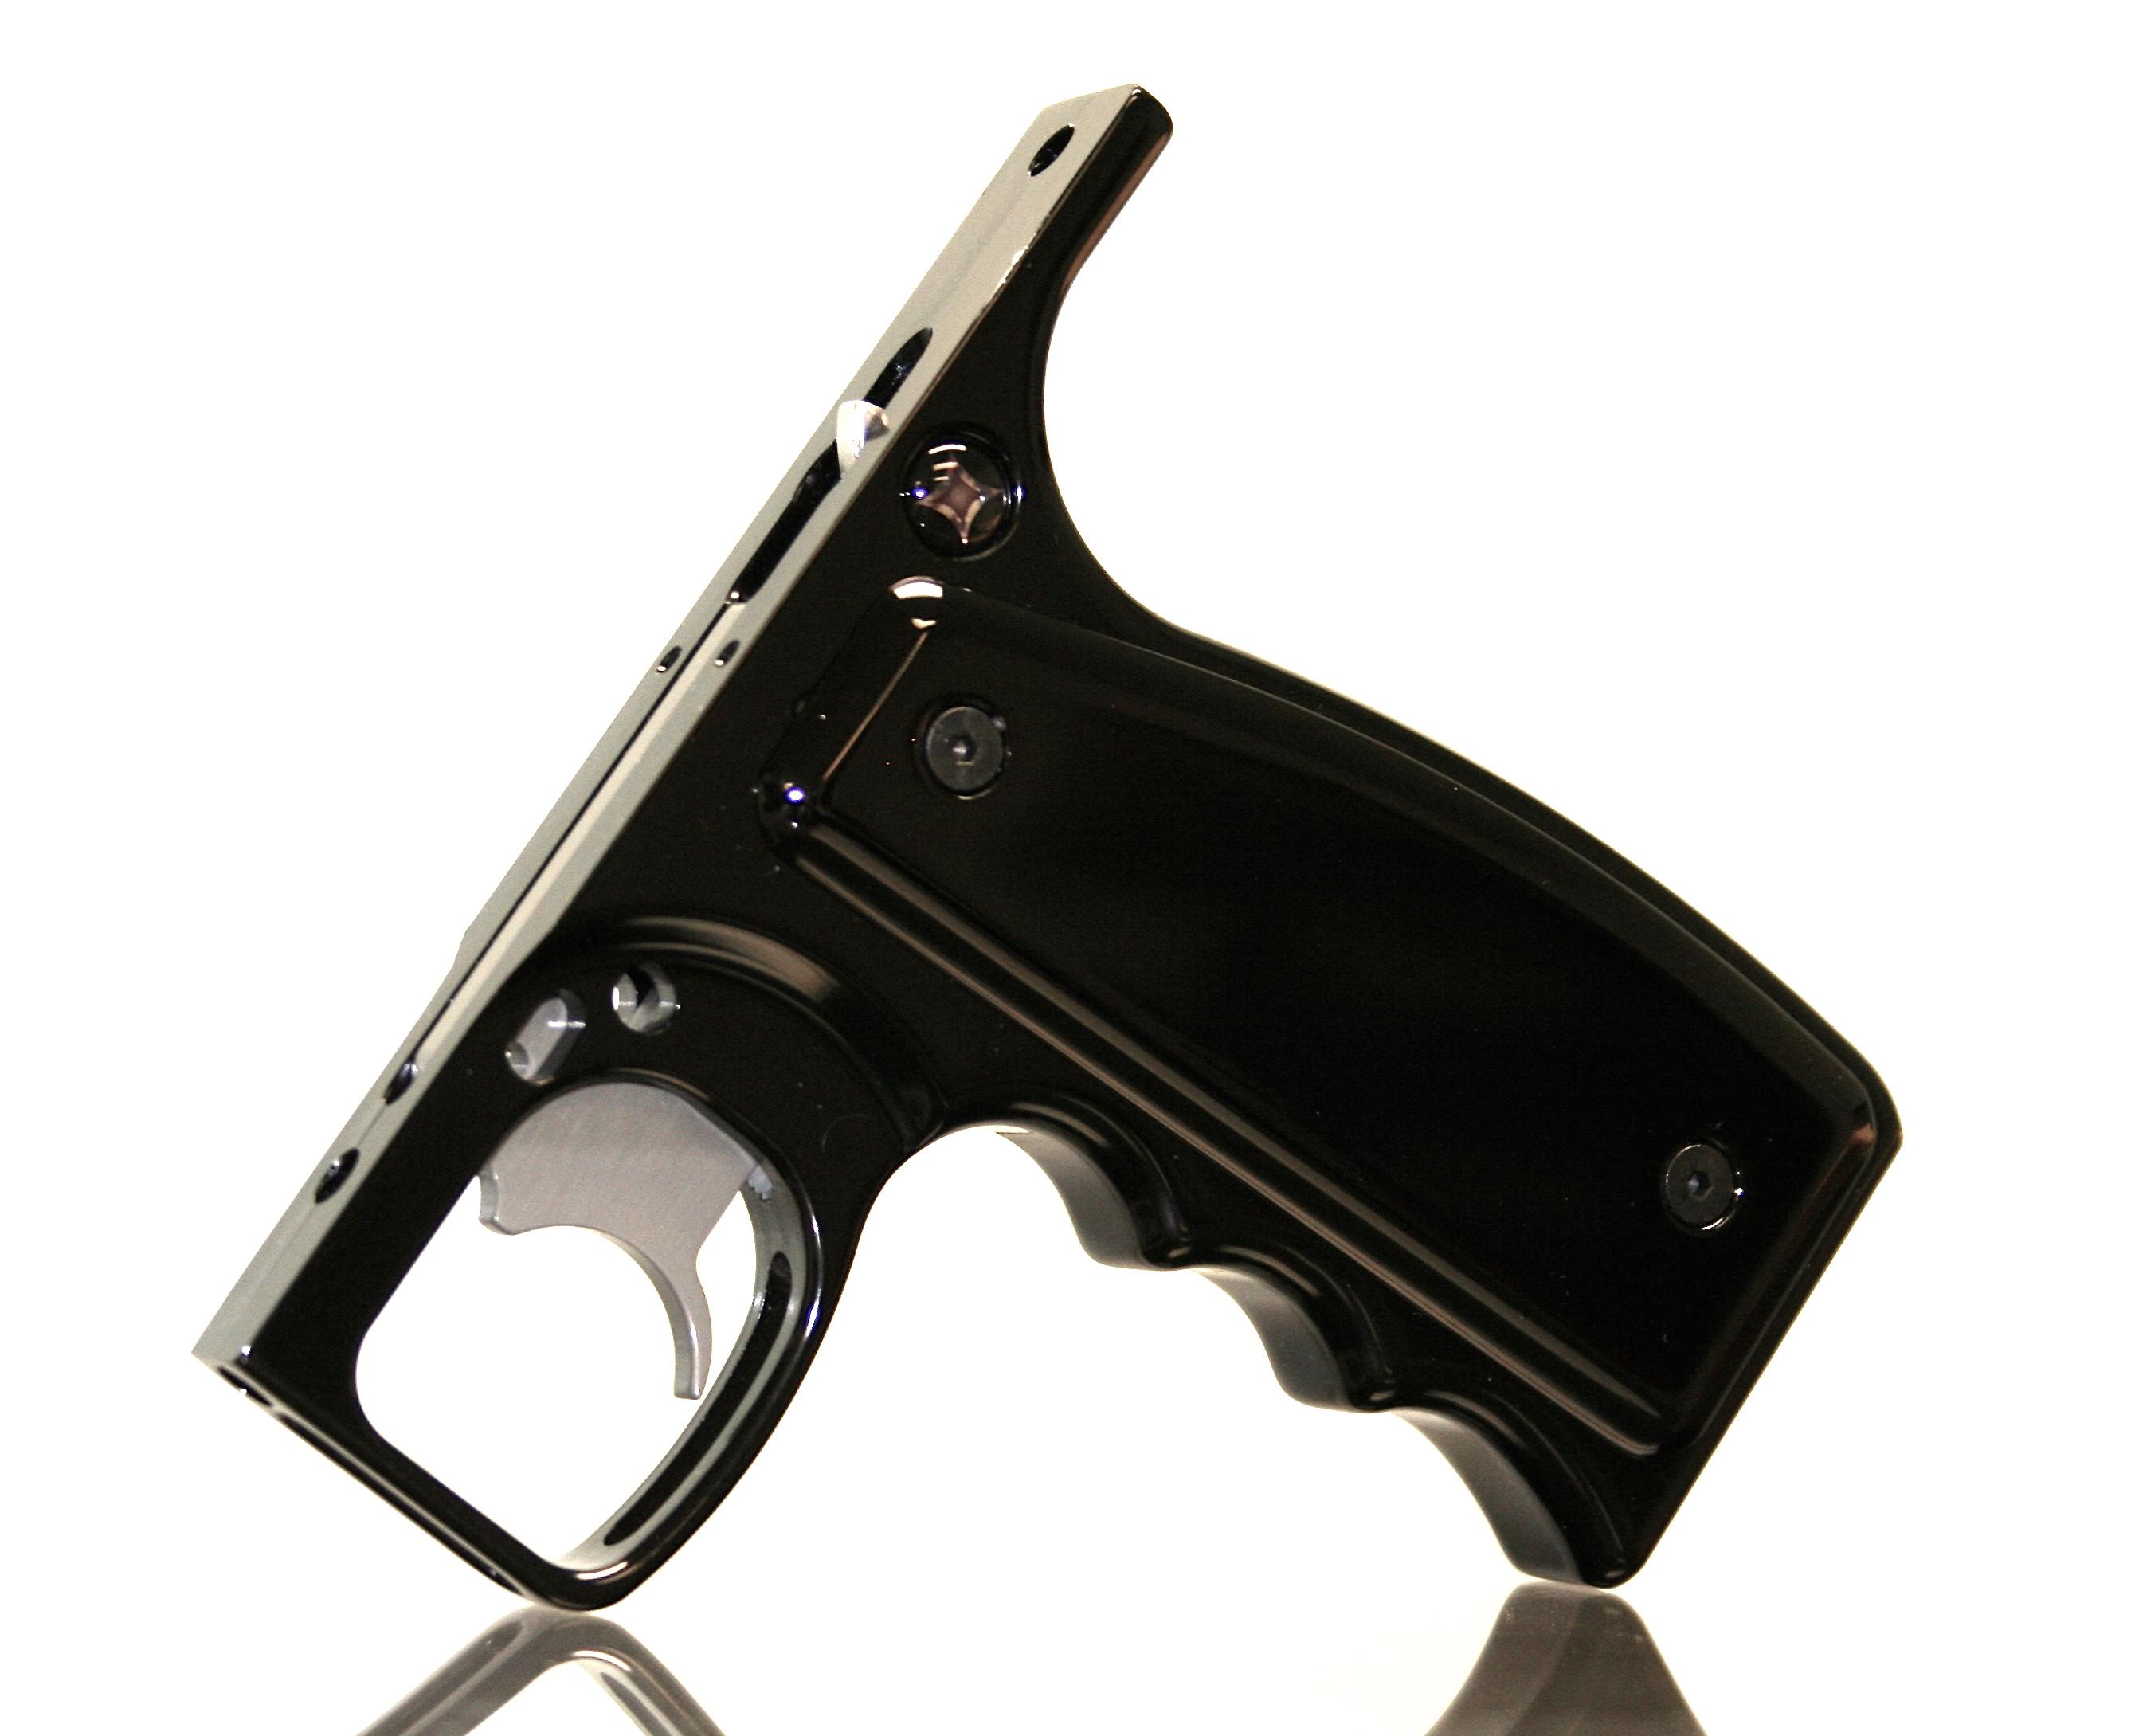 niche-clutch-slider-86frame